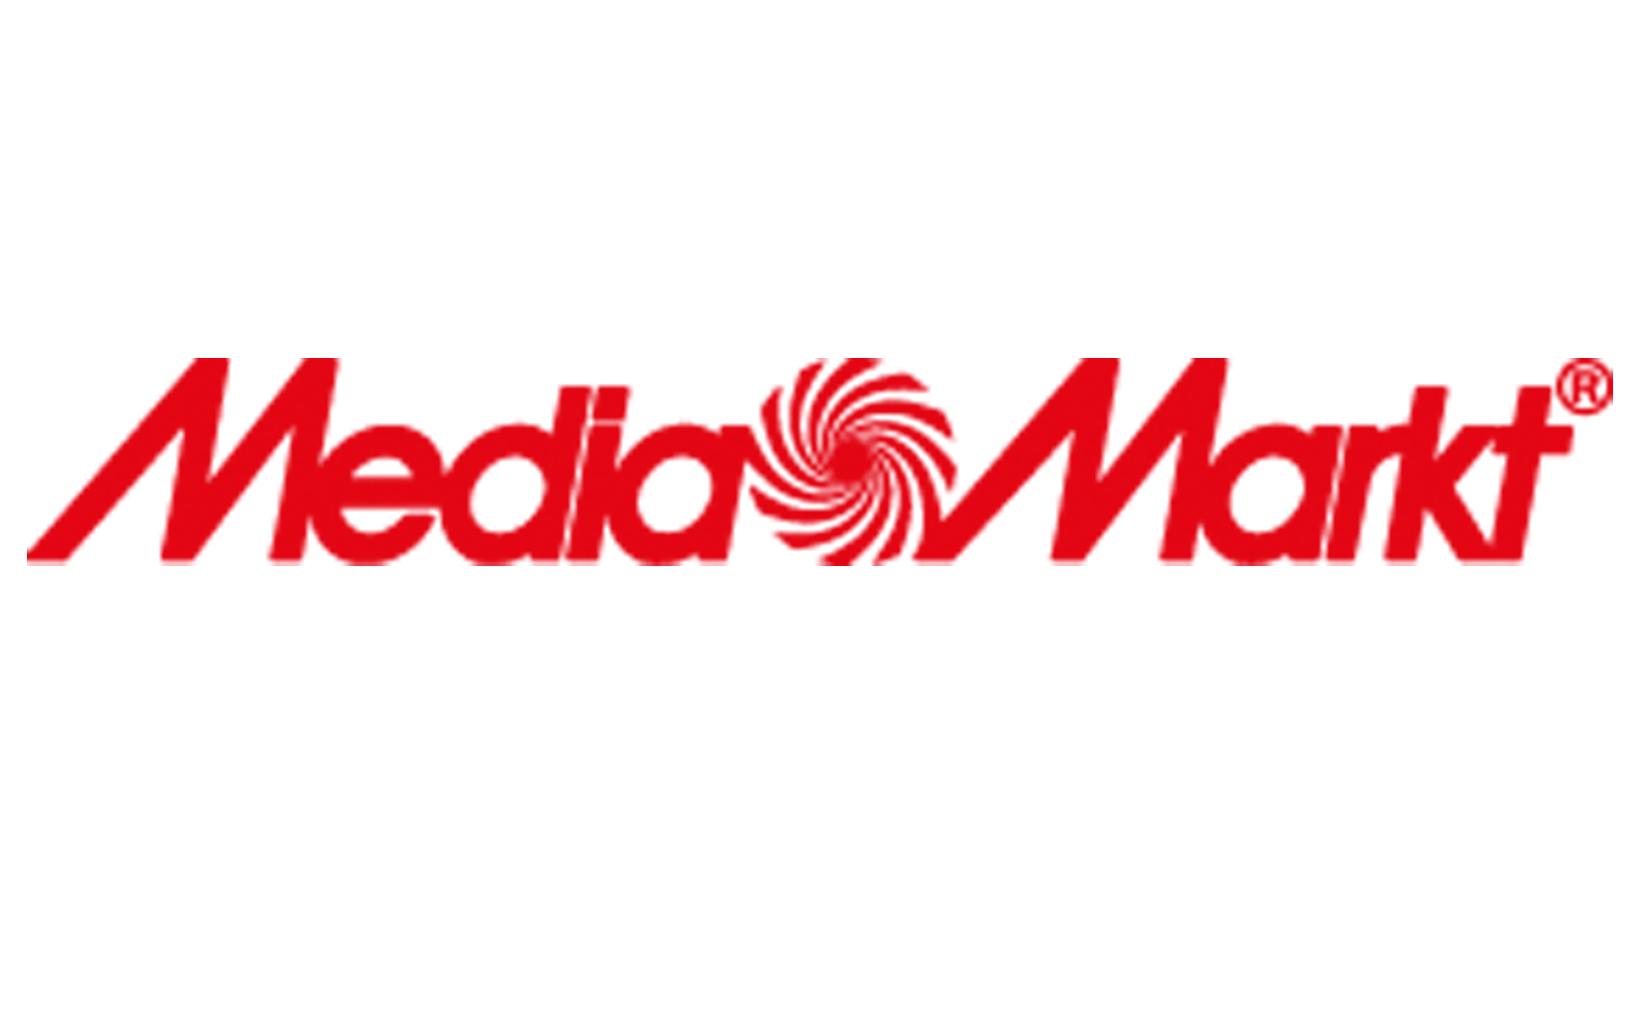 media markt lingen telefonnummer